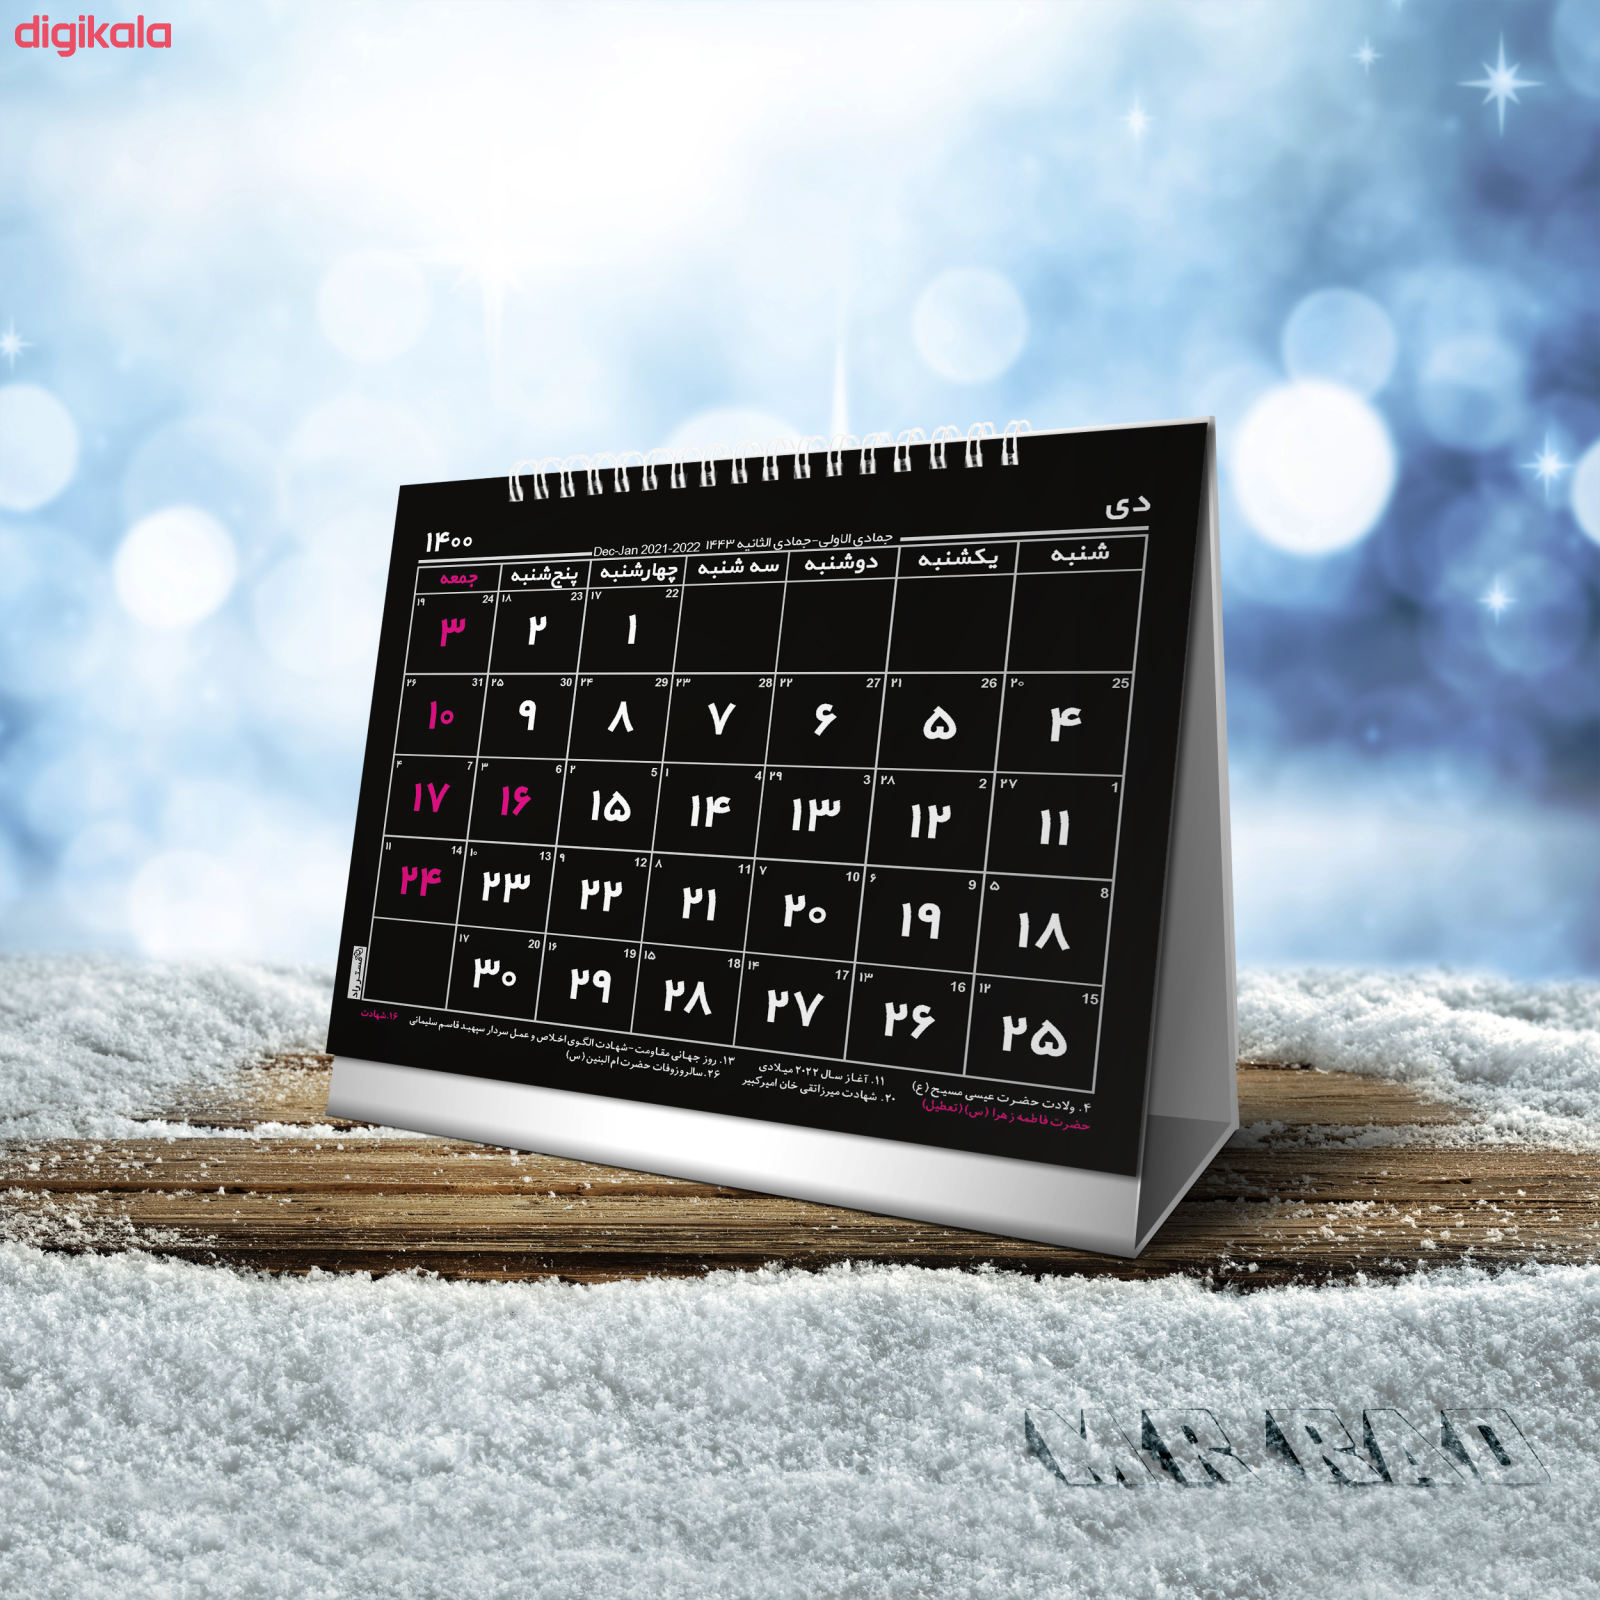 تقویم رومیزیسال 1400  مستر راد مدل endar 2021 کد s20 main 1 3